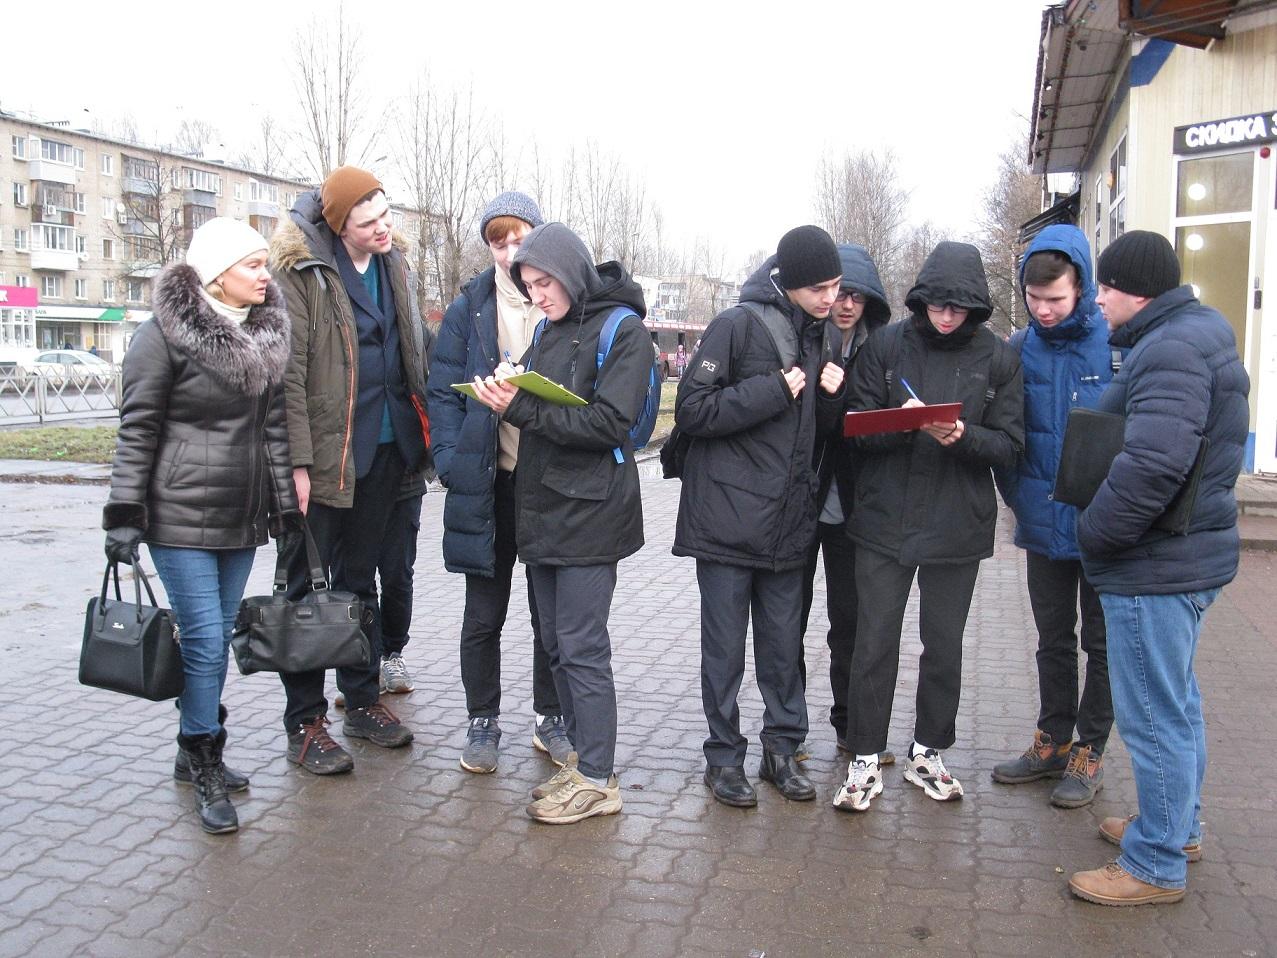 Стоп ЦБК! Коммунисты Дзержинского района продолжают сбор подписей